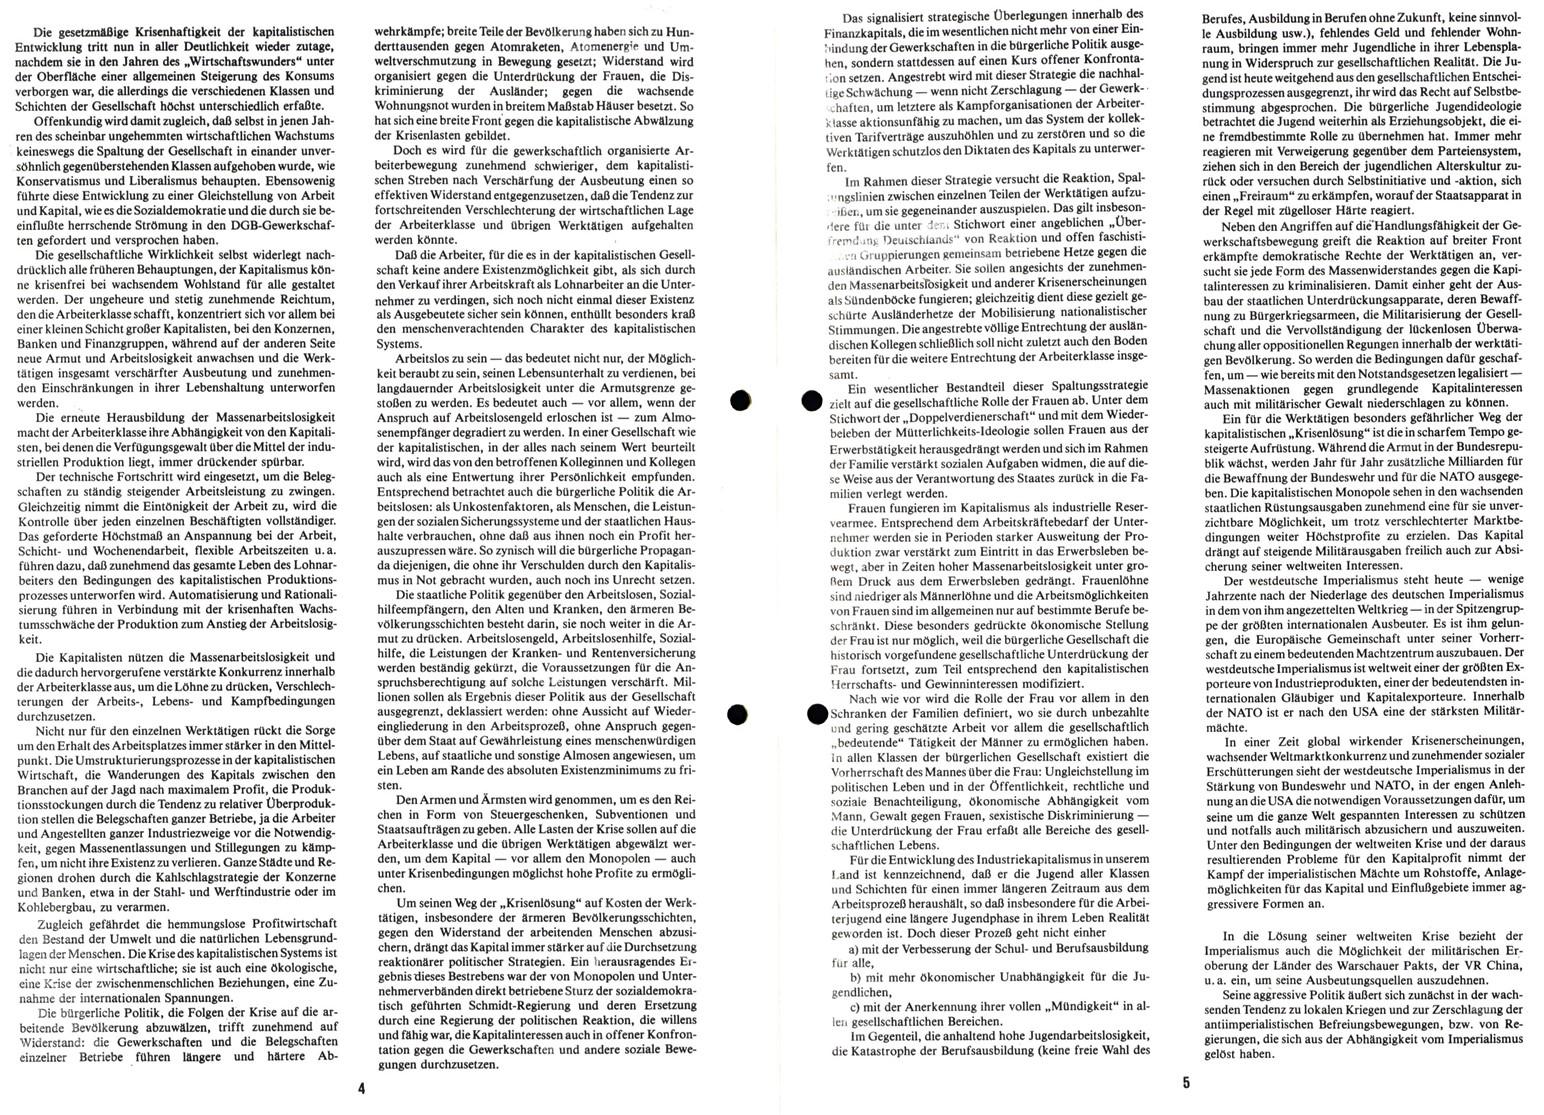 KPDML_GIM_1986_Dokumente_zur_Vereinigung_03